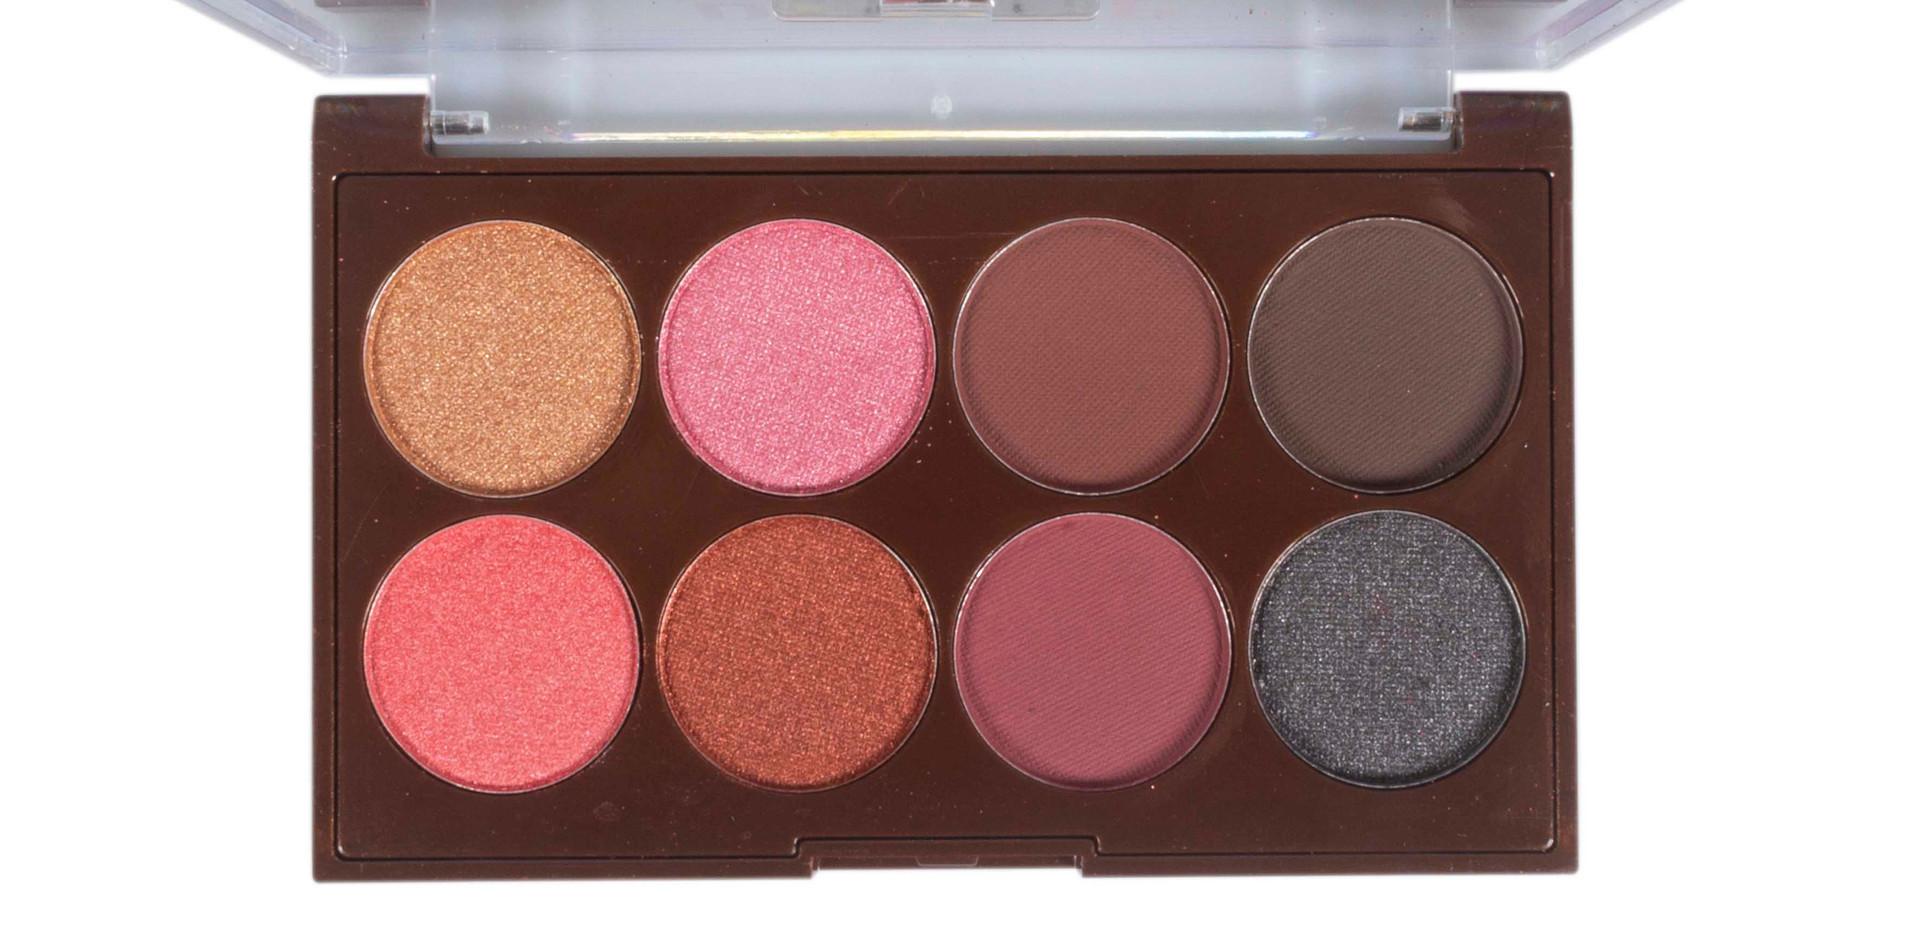 Paleta de Sombras 8 cores Dapop - HB96612 (cor 3)